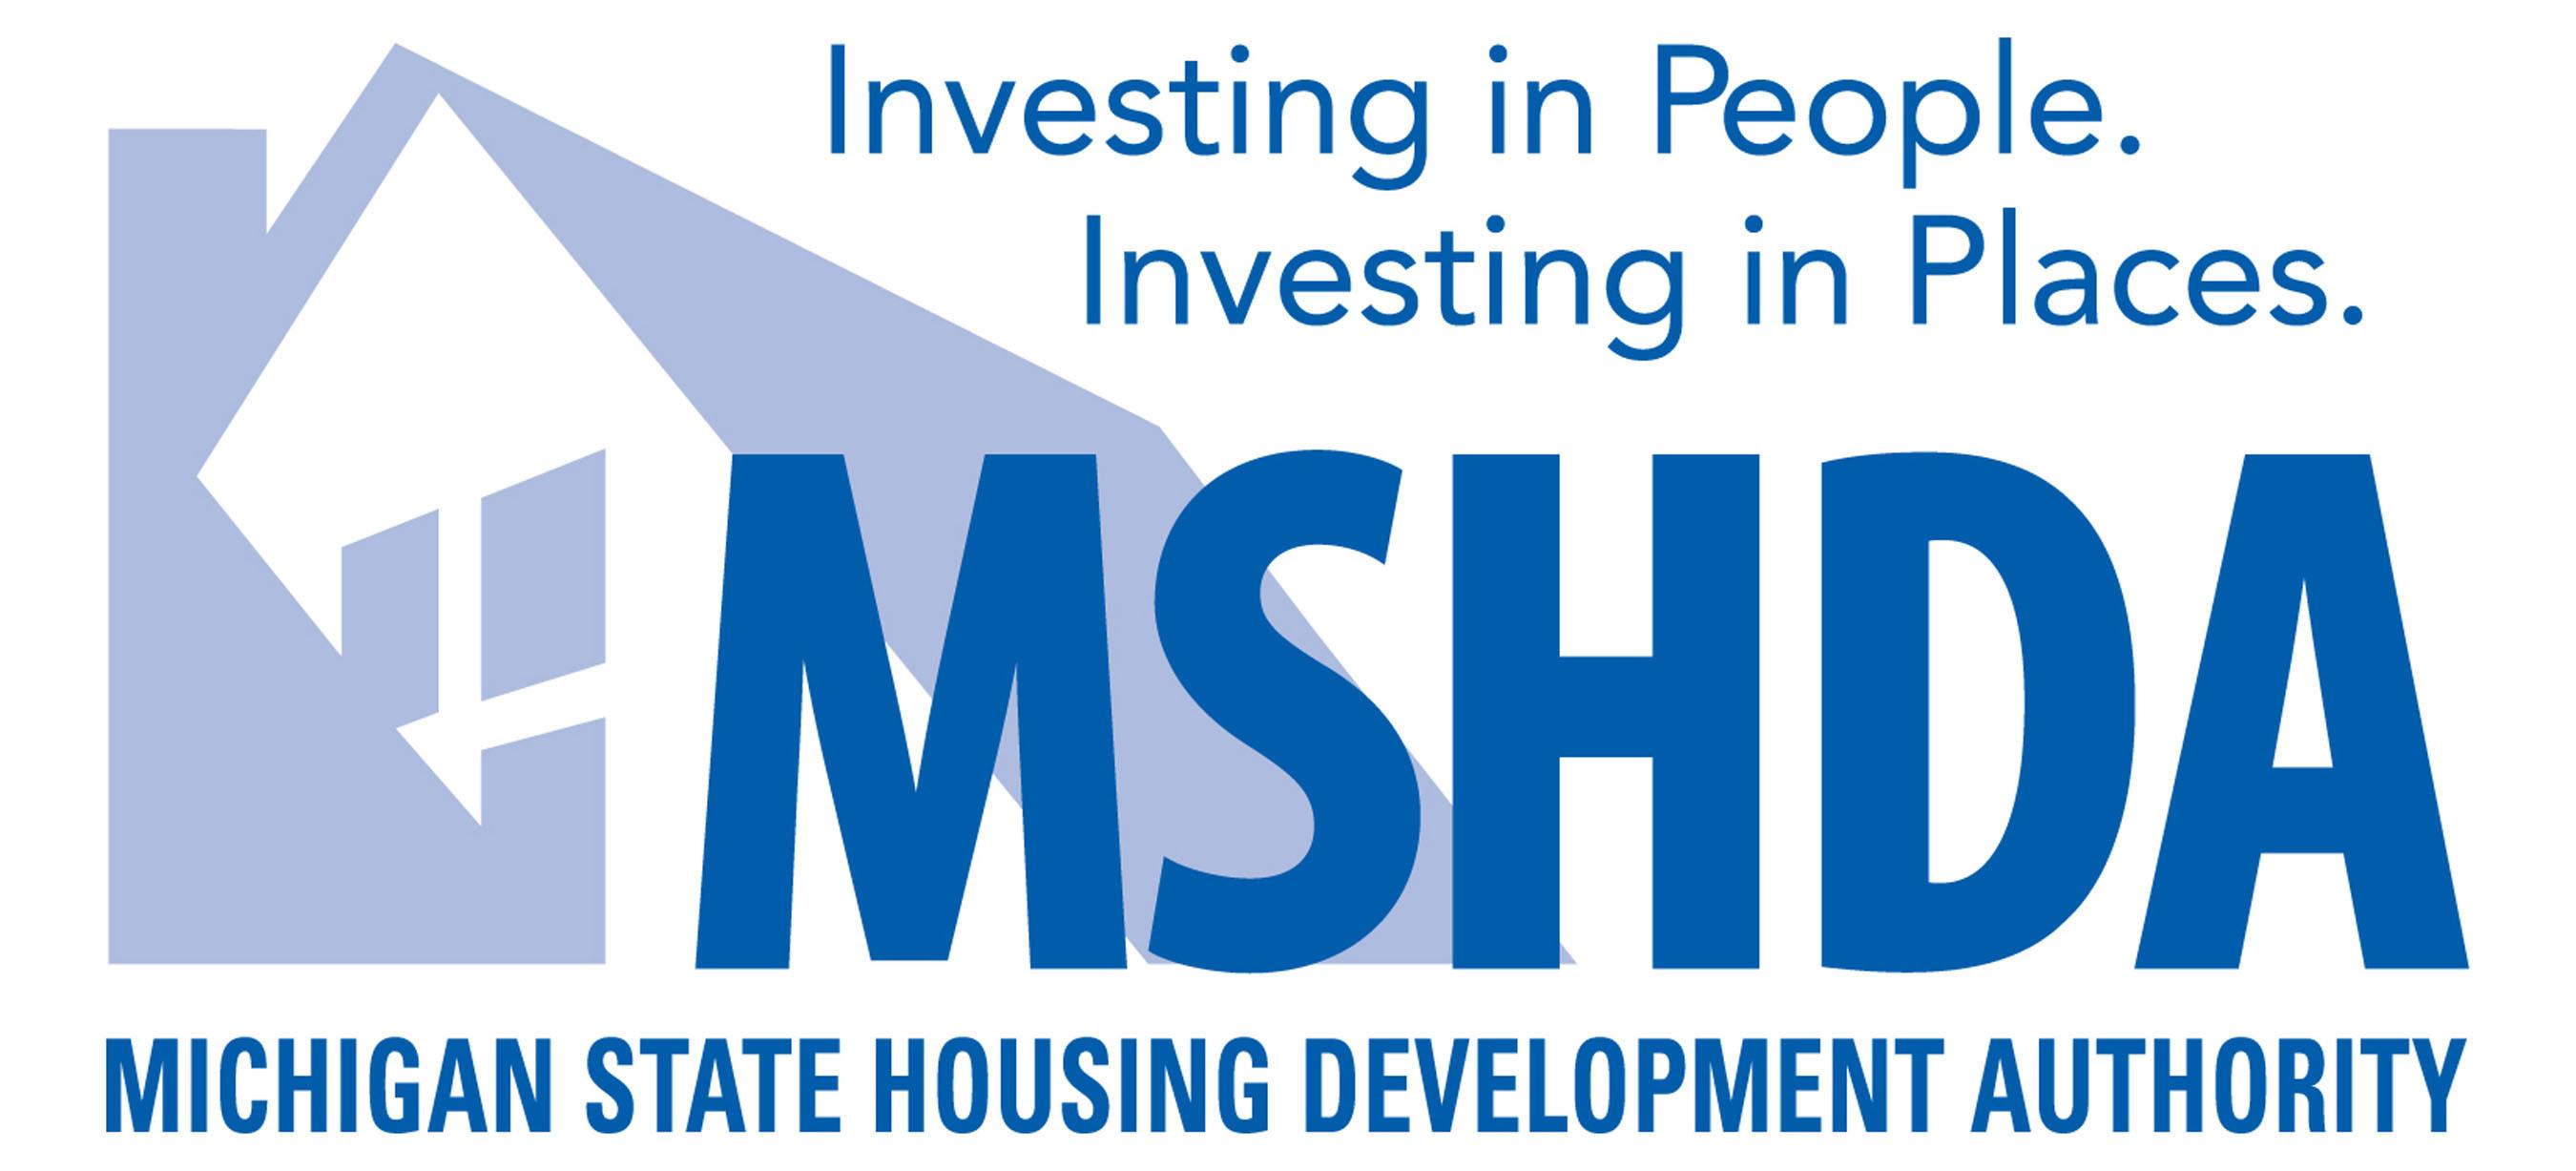 Michigan State Housing Development Authority Logo. (PRNewsFoto/Michigan State Housing Development Authority) (PRNewsFoto/)